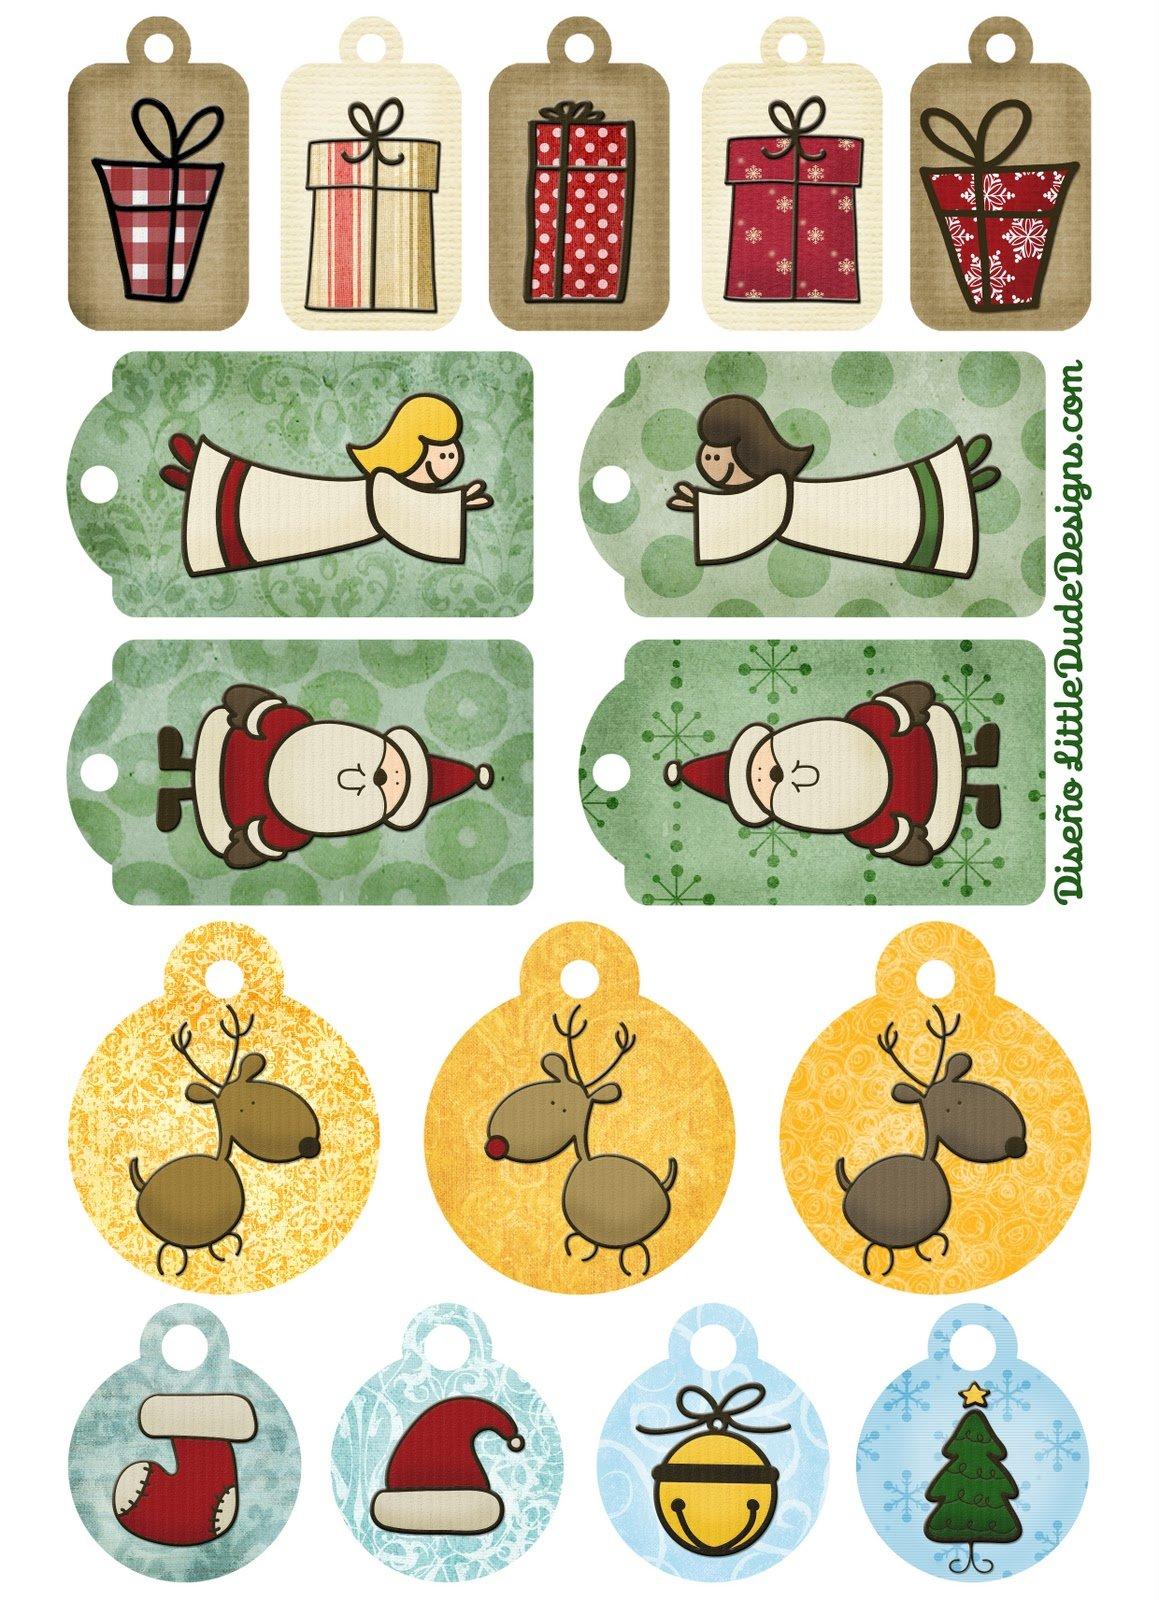 Tarjetas etiquetas y pegatinas de navidad para imprimir - Adornos para fotos gratis ...